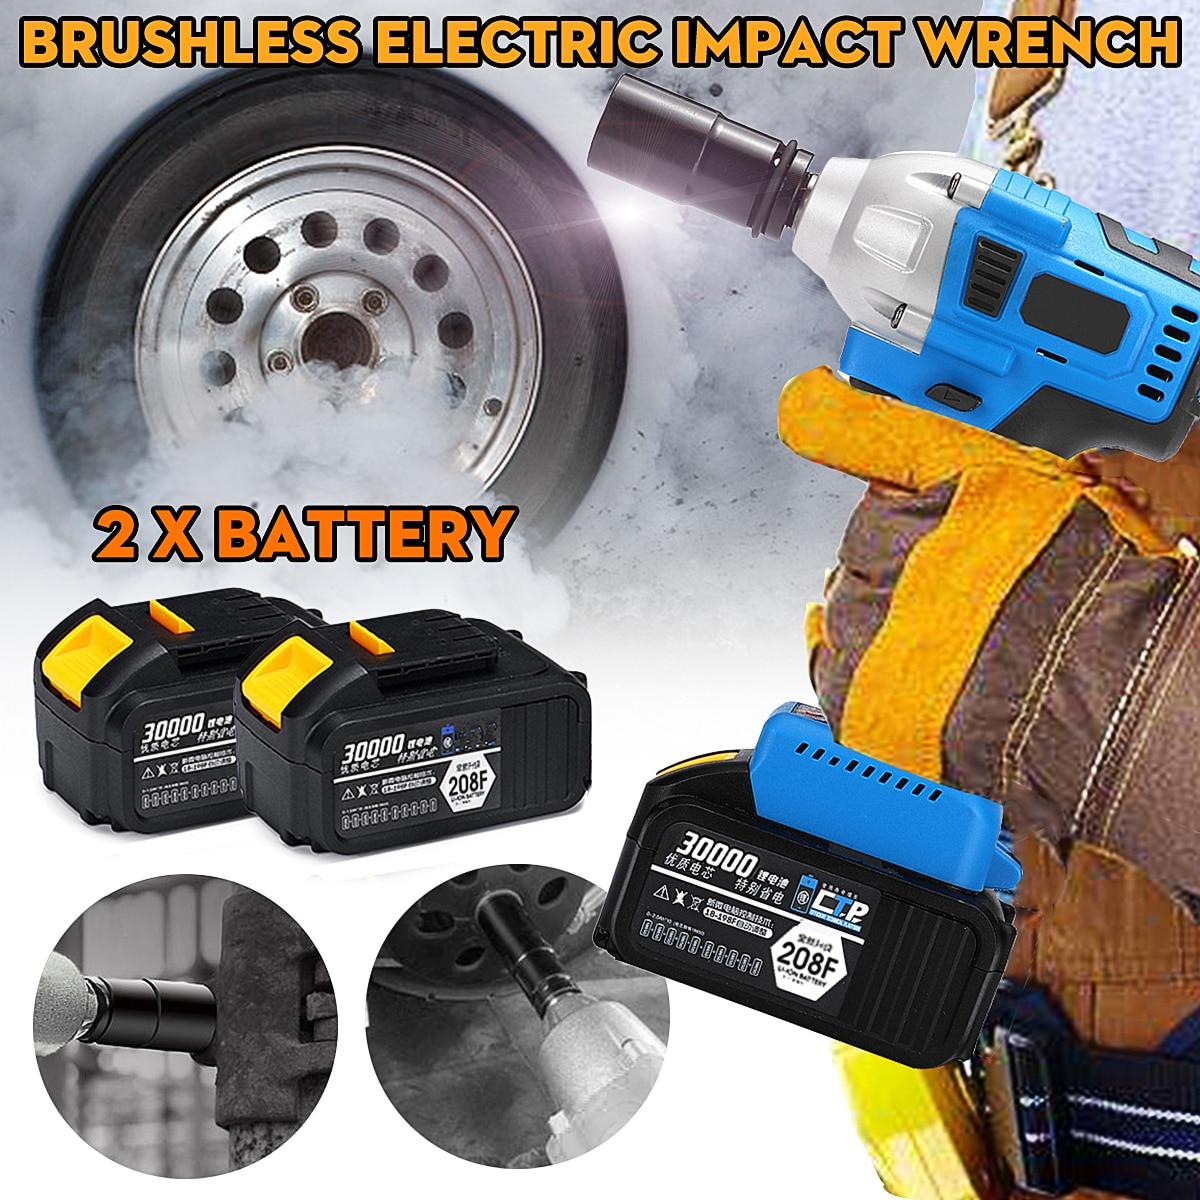 128/188/208F Brushless Sans Fil Clé À Choc Socket Outil Avec 2 Batteries 15000/20000/30000 mah outils à main Perceuse